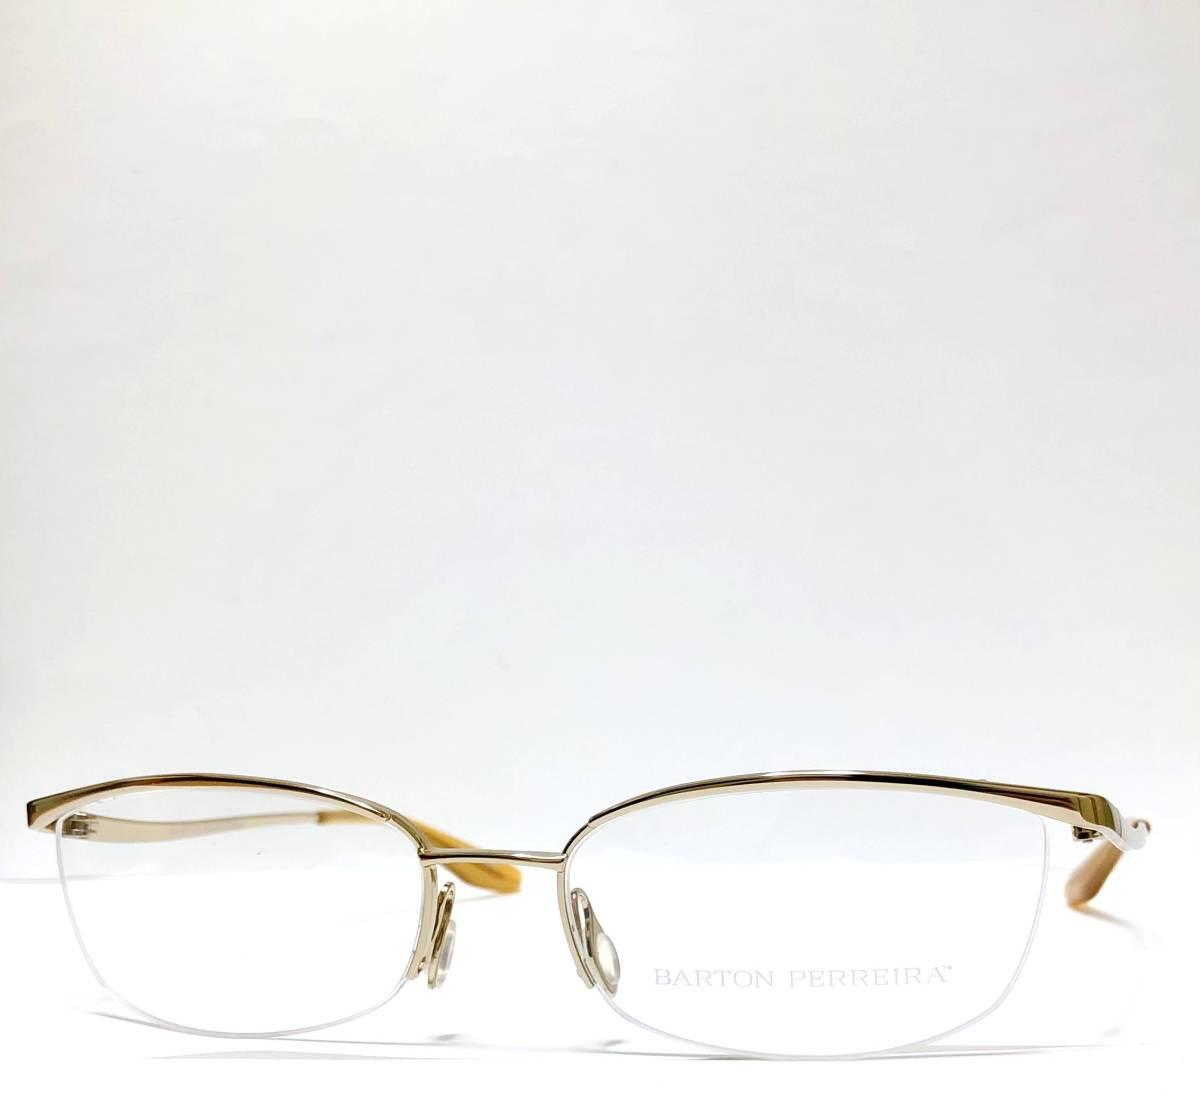 定価85800円 新品) 上流階級 バートンペレイラ ミア Barton Perreira 極上品 純正メガネ 付属品付き 金色 日本製 米国ブランド_画像2